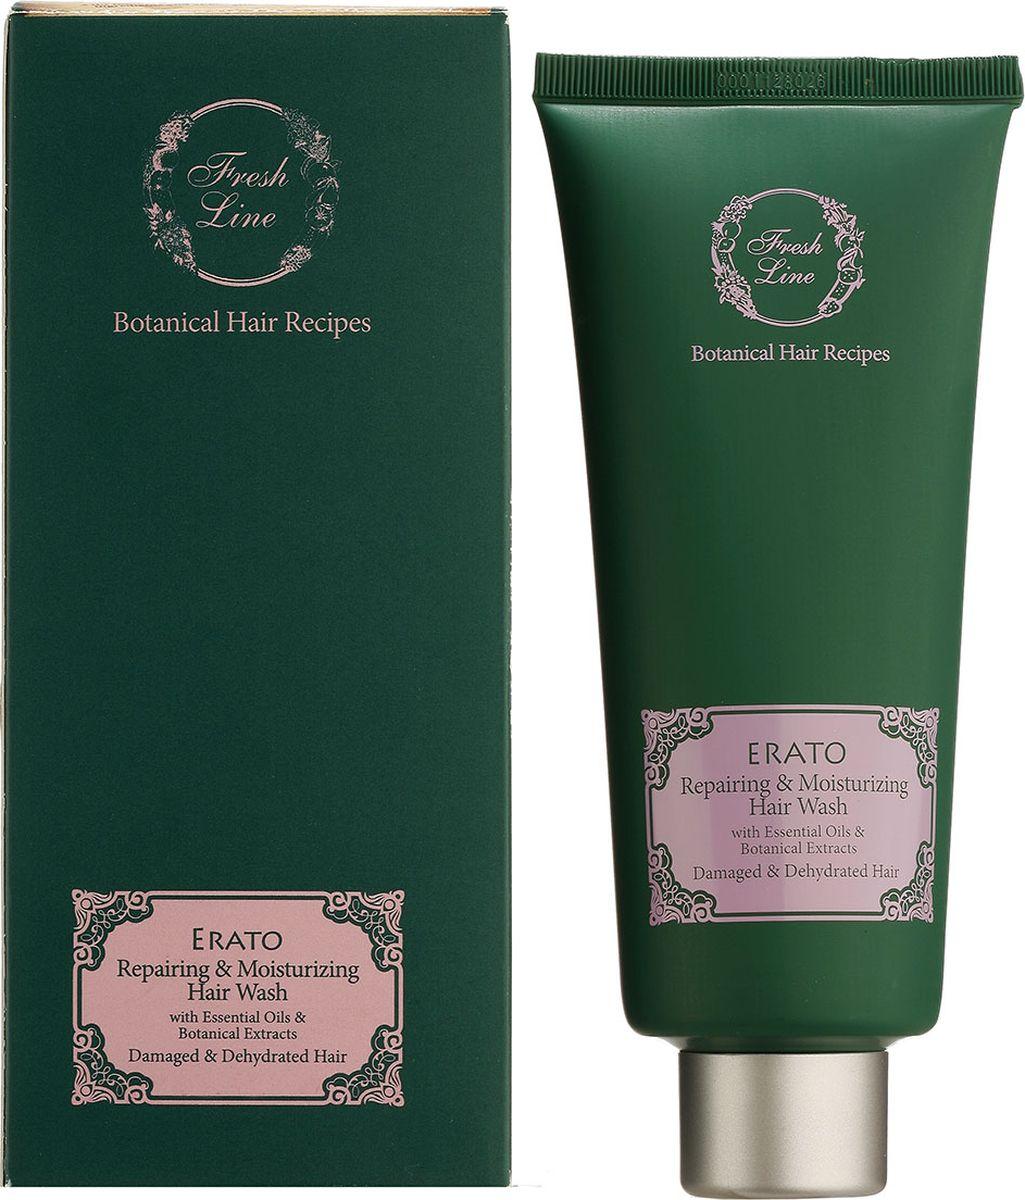 Fresh Line Шампунь твердый для сухих и поврежденных волос восстанавливающий Эрато, 70 г910168Натуральный шампунь созданный вручную на основе натуральных масел, растительных экстрактов и эфирных масел. Имеет нейтральный pH-фактор 5-6, который не нарушает естественный баланс кожи головы. Питает, увлажняет, придает волосам эластичность и предотвращает ломкость. Экономичен - 1 твердый шампунь равен 300 мл жидкого шампуня. Основные ингредиенты : масло оливы, лецитин, масло лаврового листа, алоэ вера, окопник, шалфей, сандал, масло шиповника, бузина, ромашка, календула.